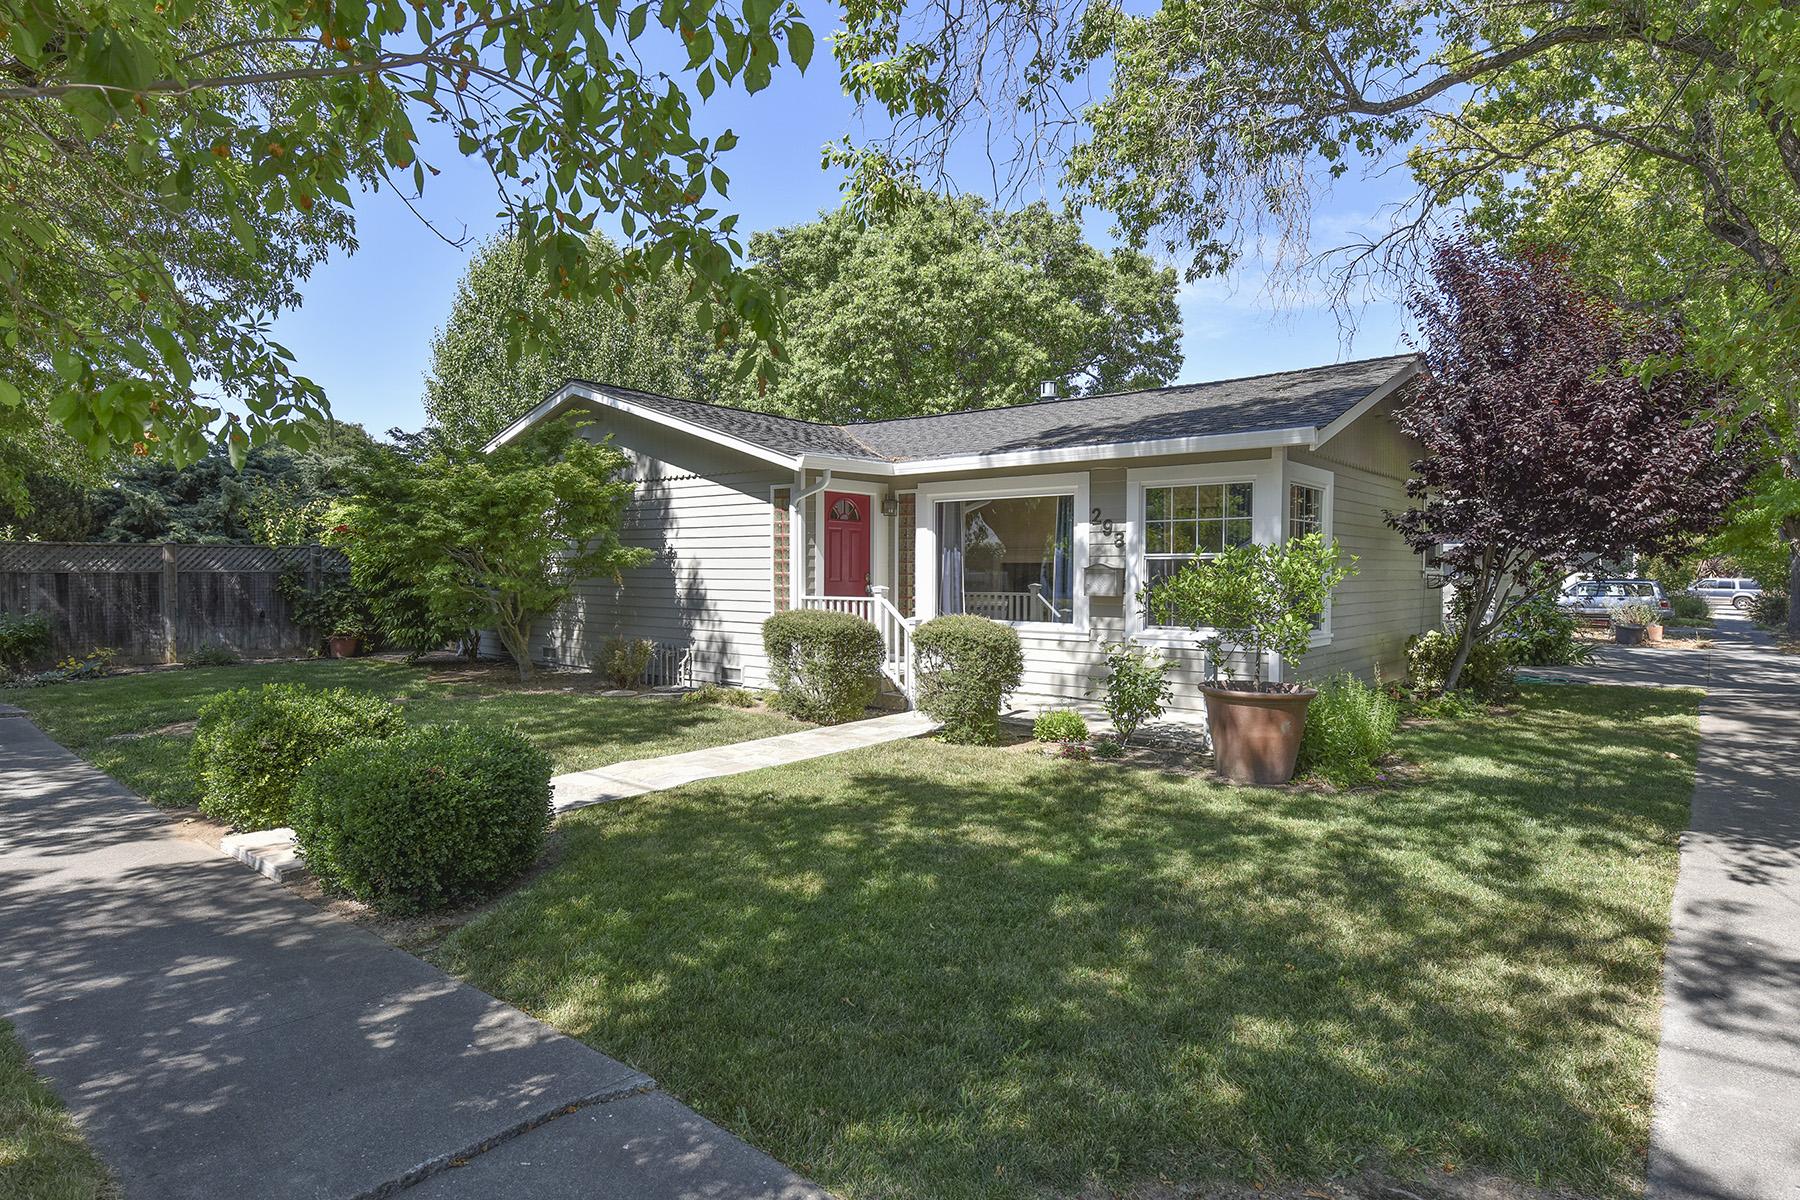 Частный односемейный дом для того Продажа на 298 S Hartson St, Napa, CA 94559 Napa, Калифорния, 94559 Соединенные Штаты